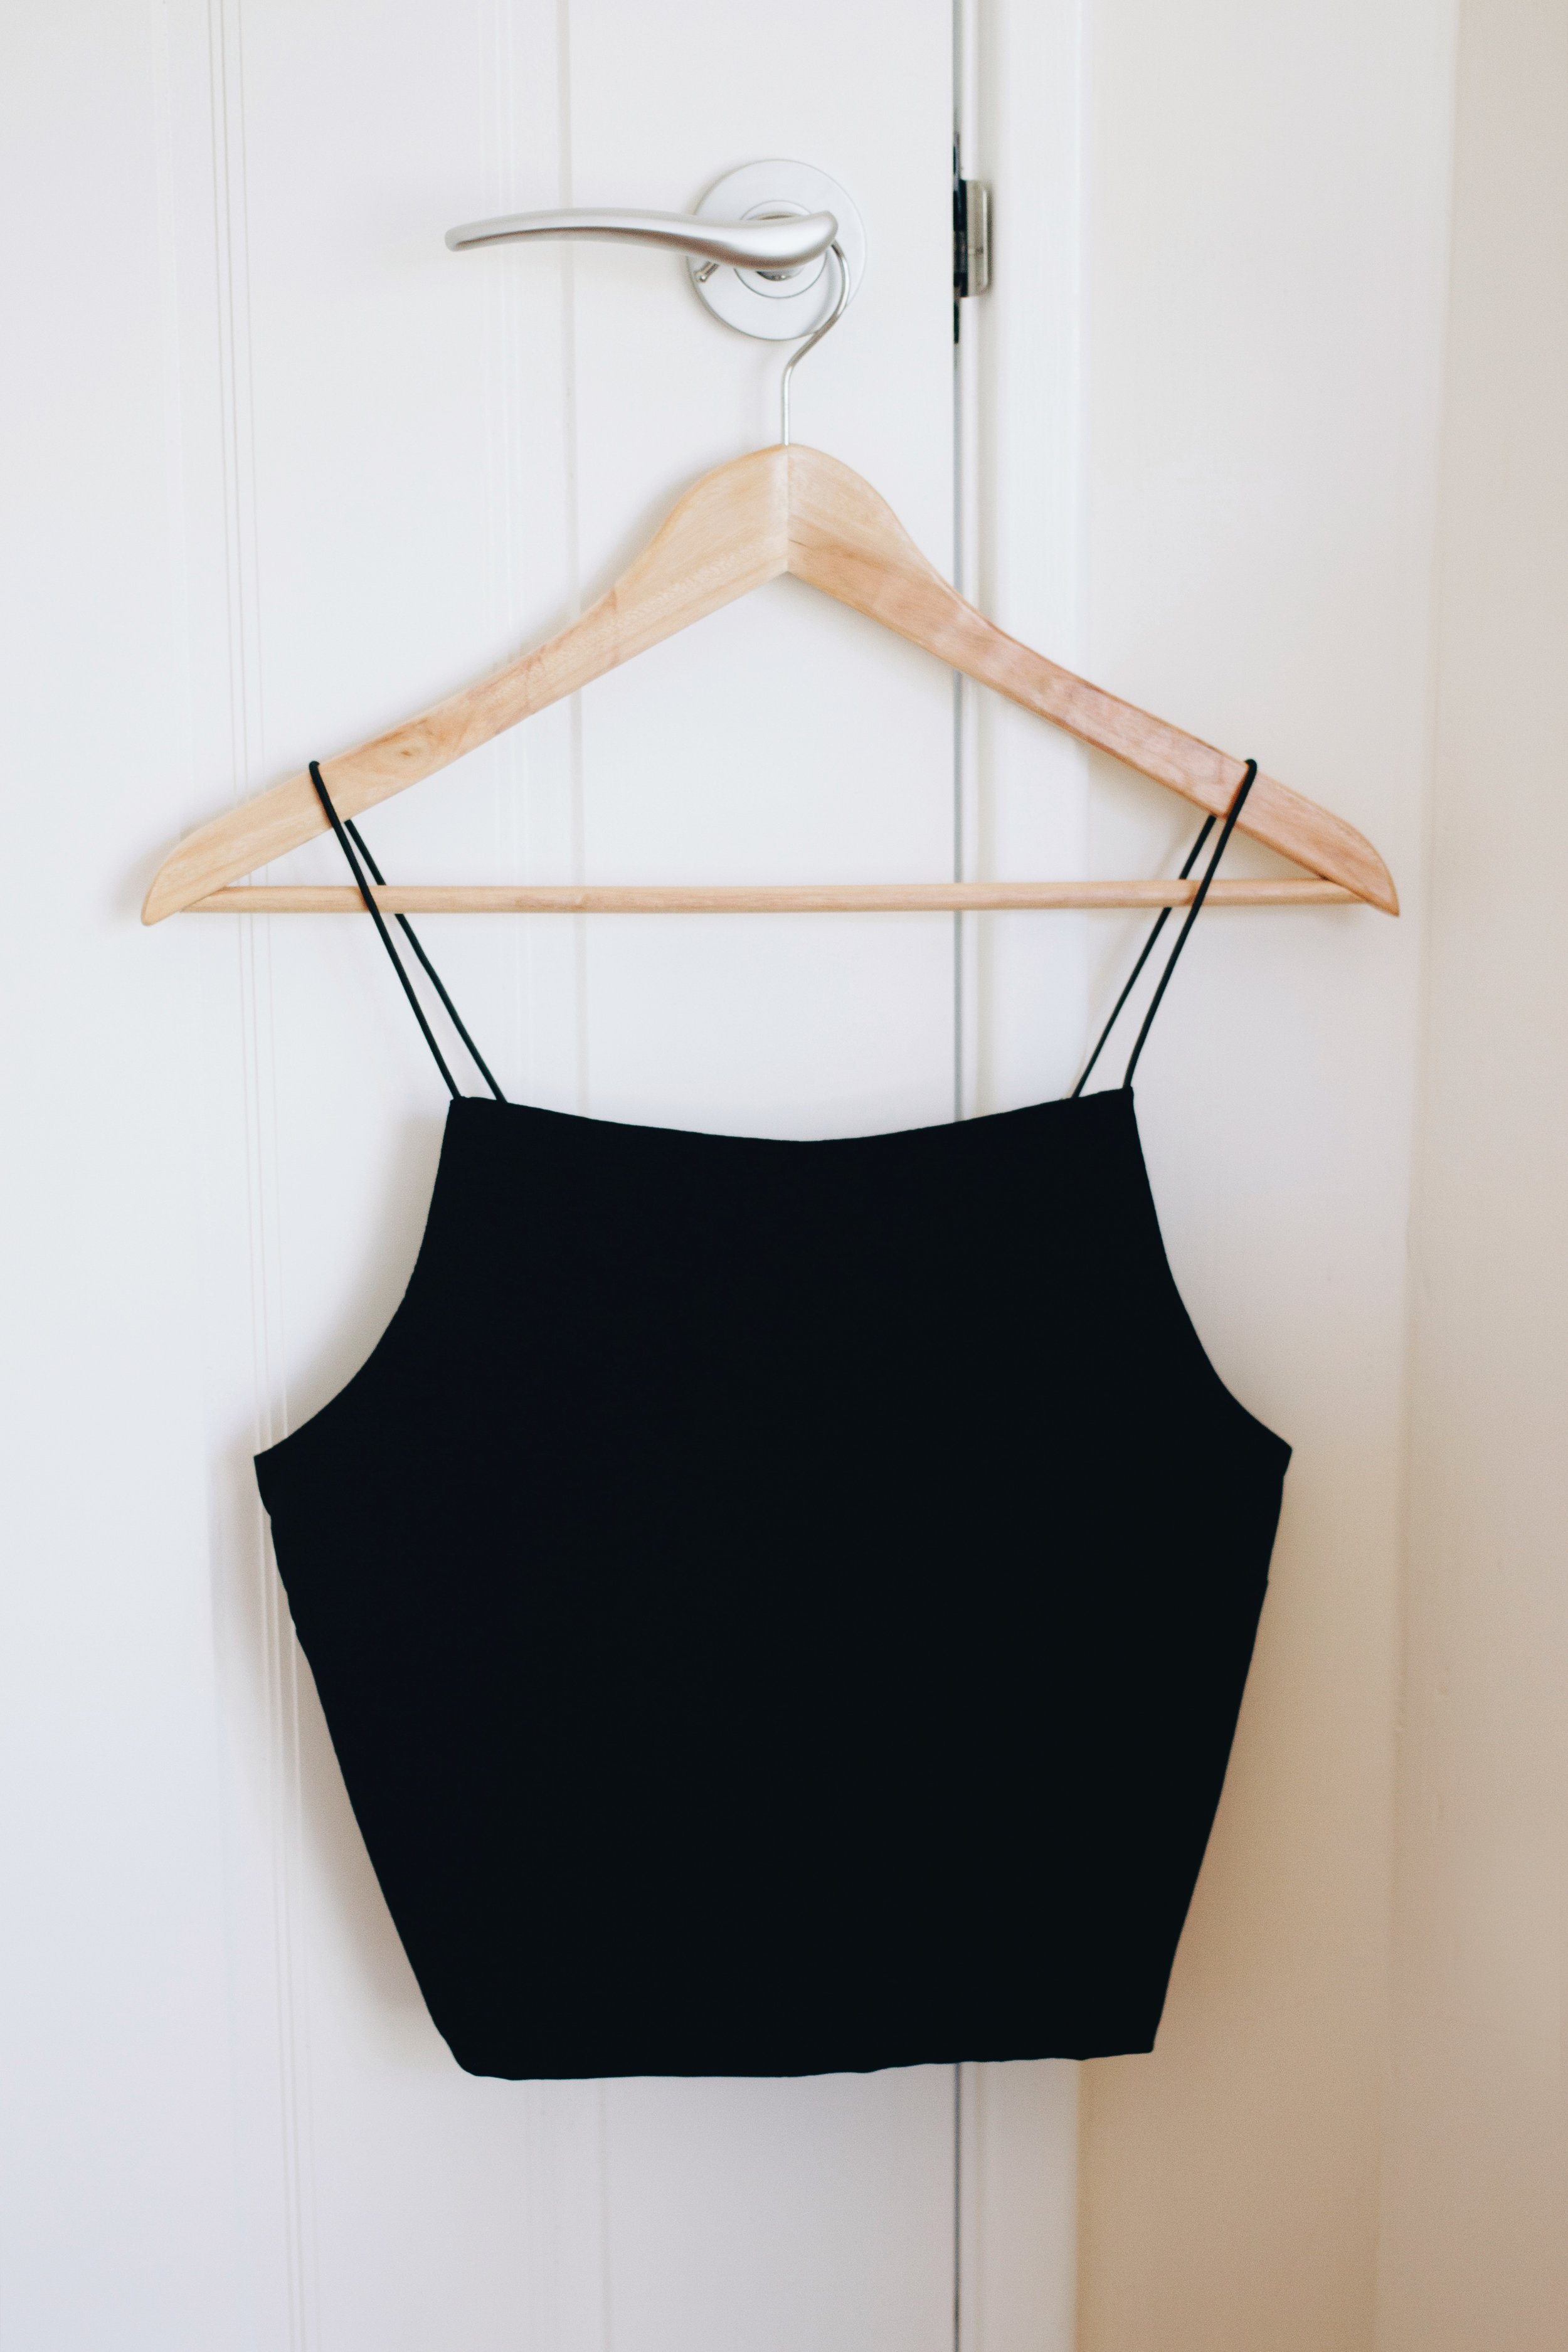 spring-summer-wardrobe-8.JPG